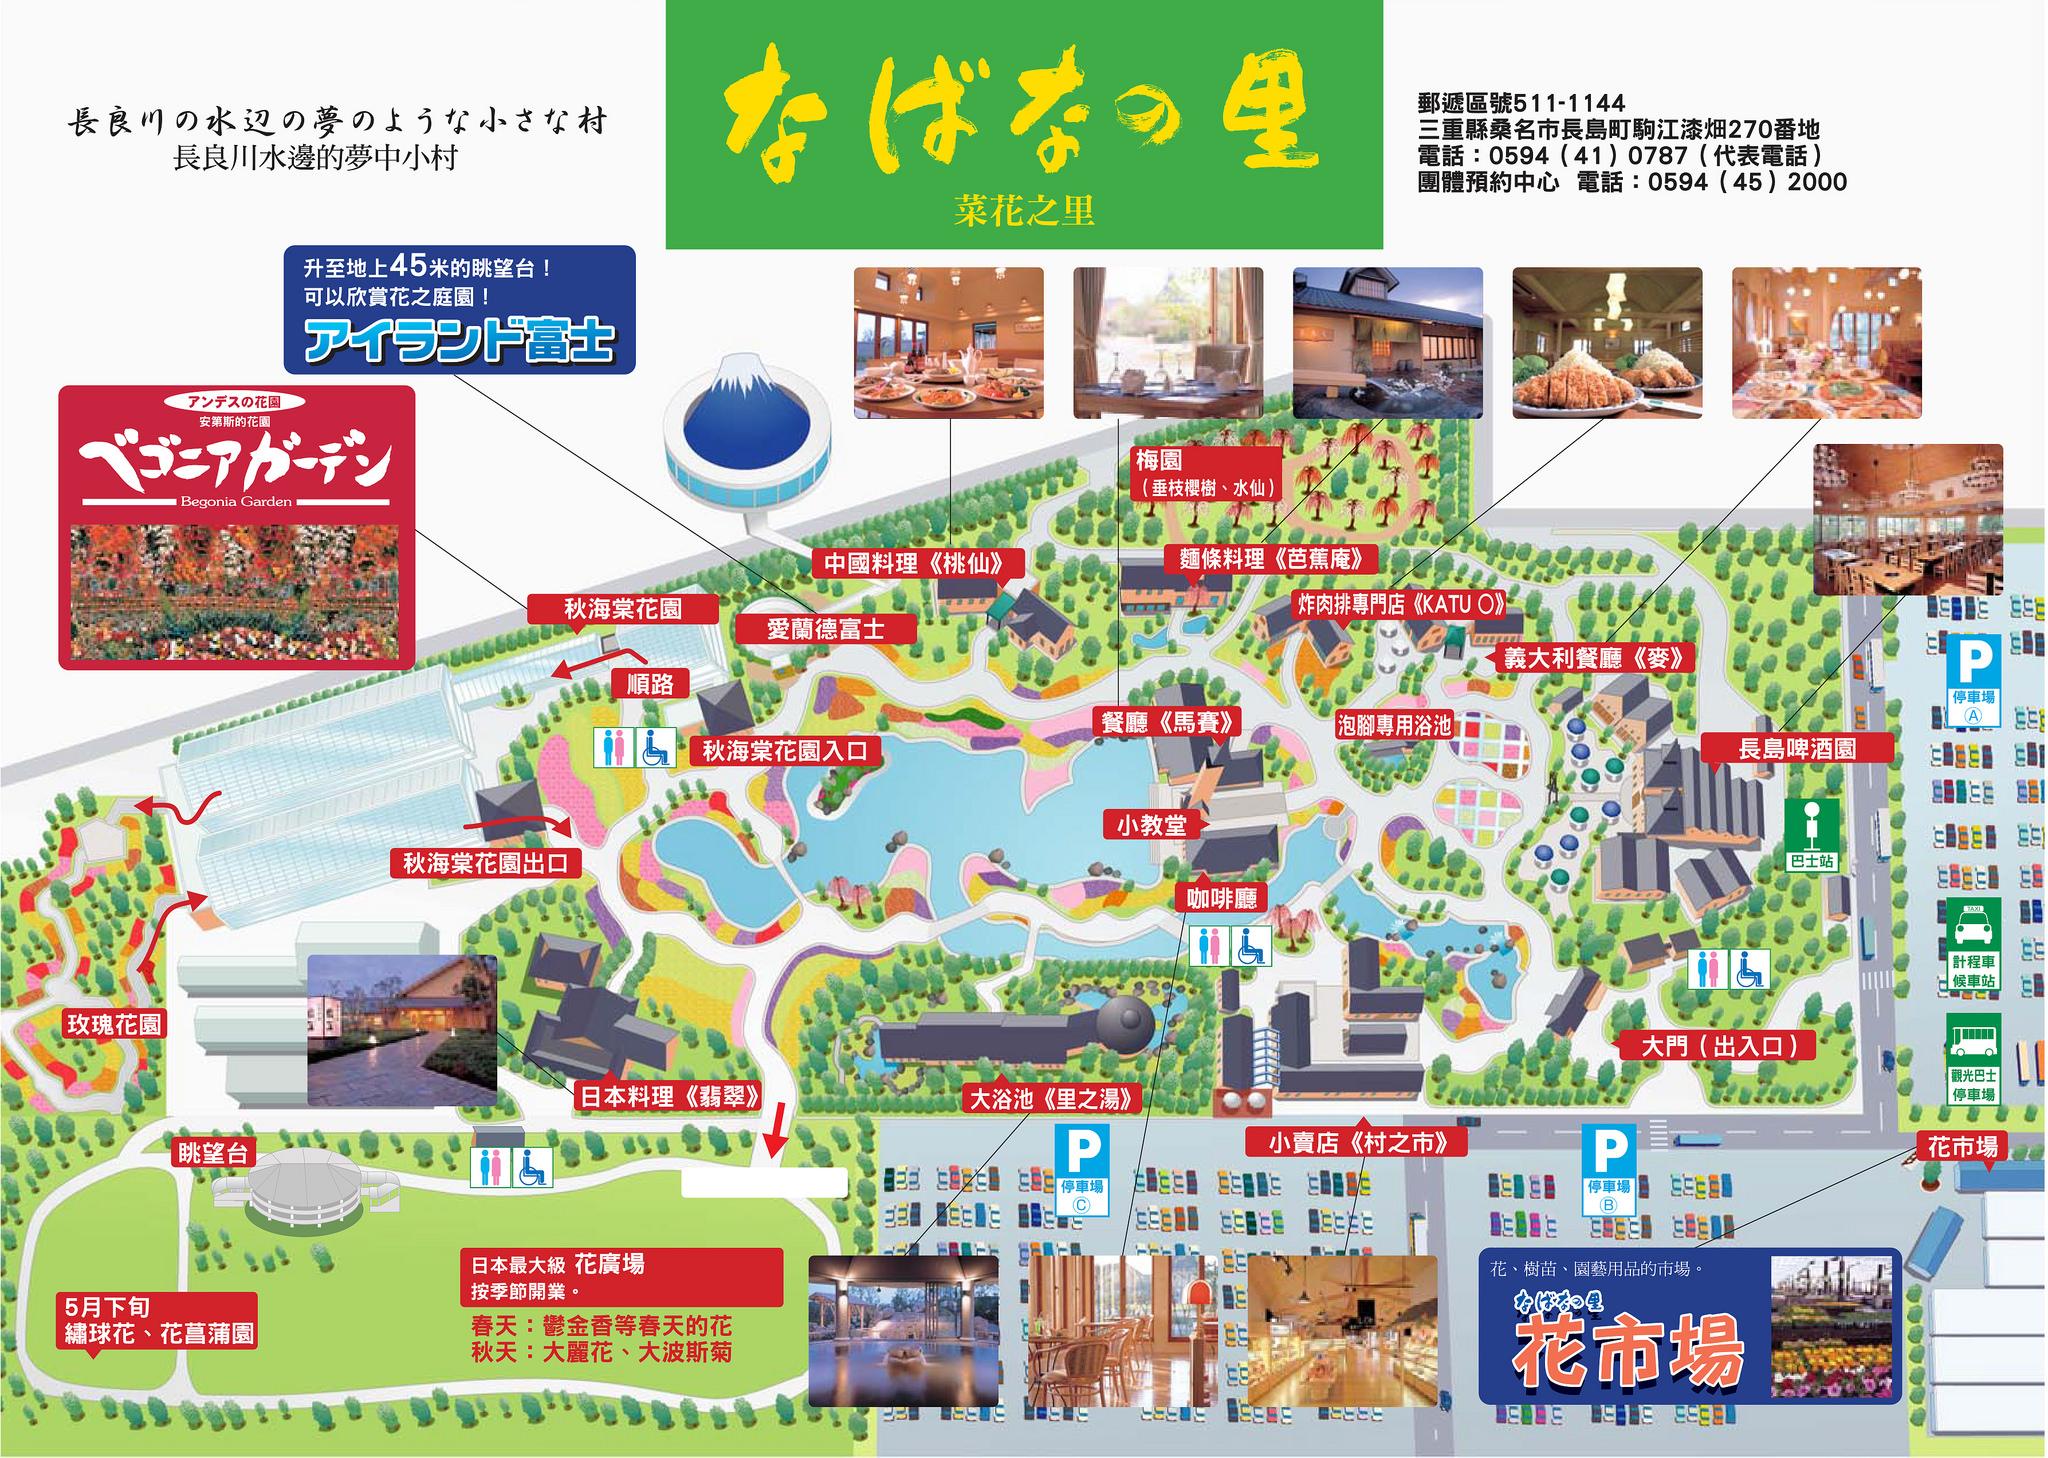 Map from http://www.nagashima-onsen.co.jp/file/nabanamap_c2.pdf